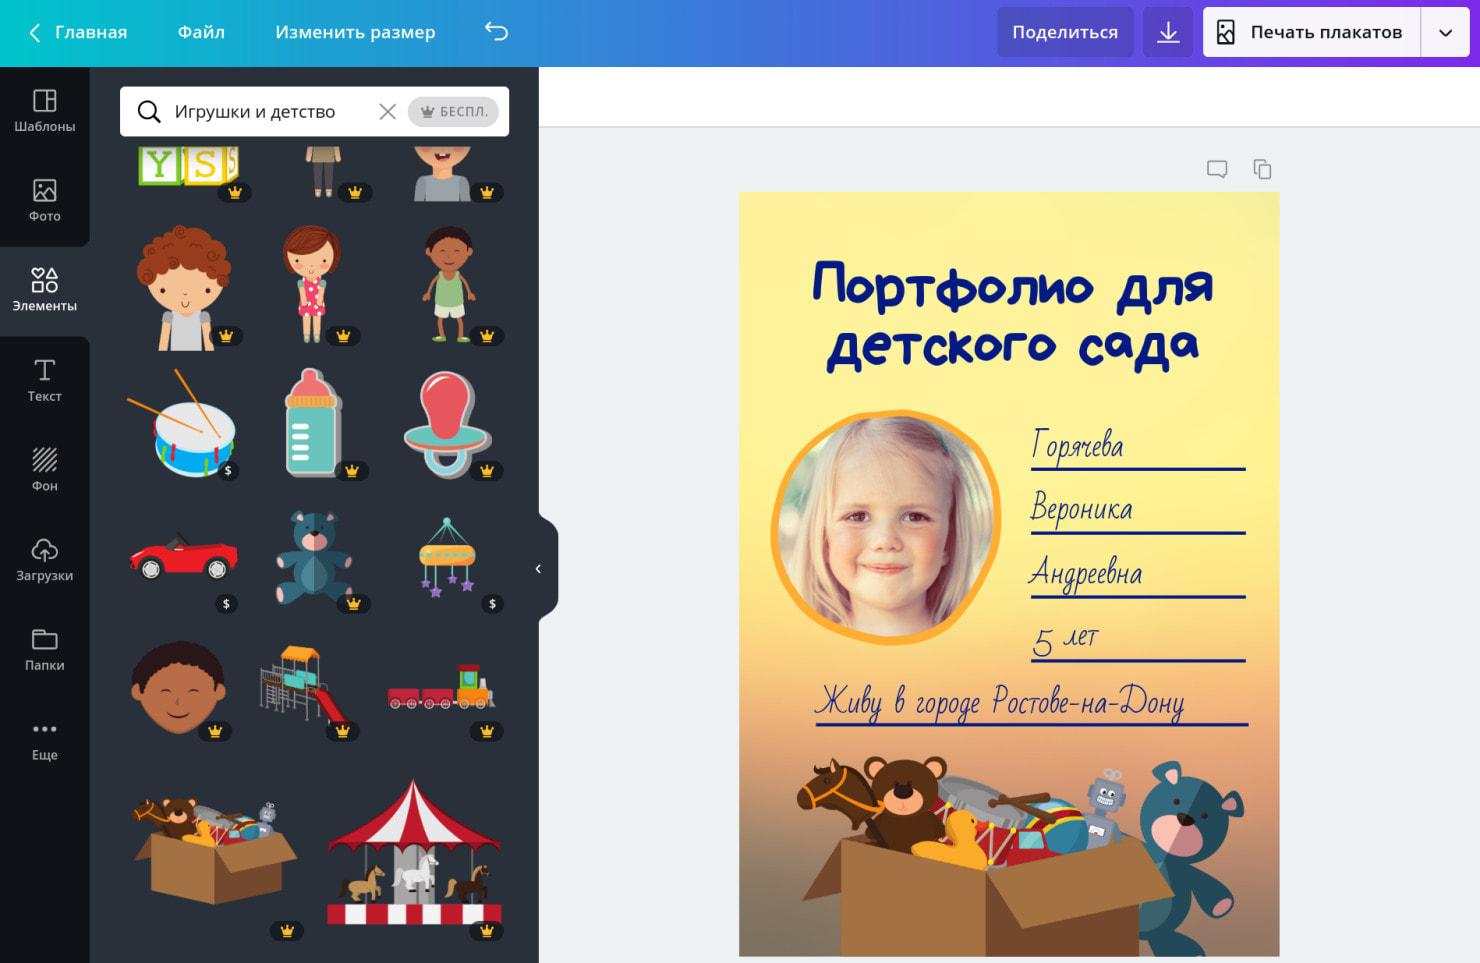 Пример портфолио для детского сада в программе для создания портфолио Canva на русском языке